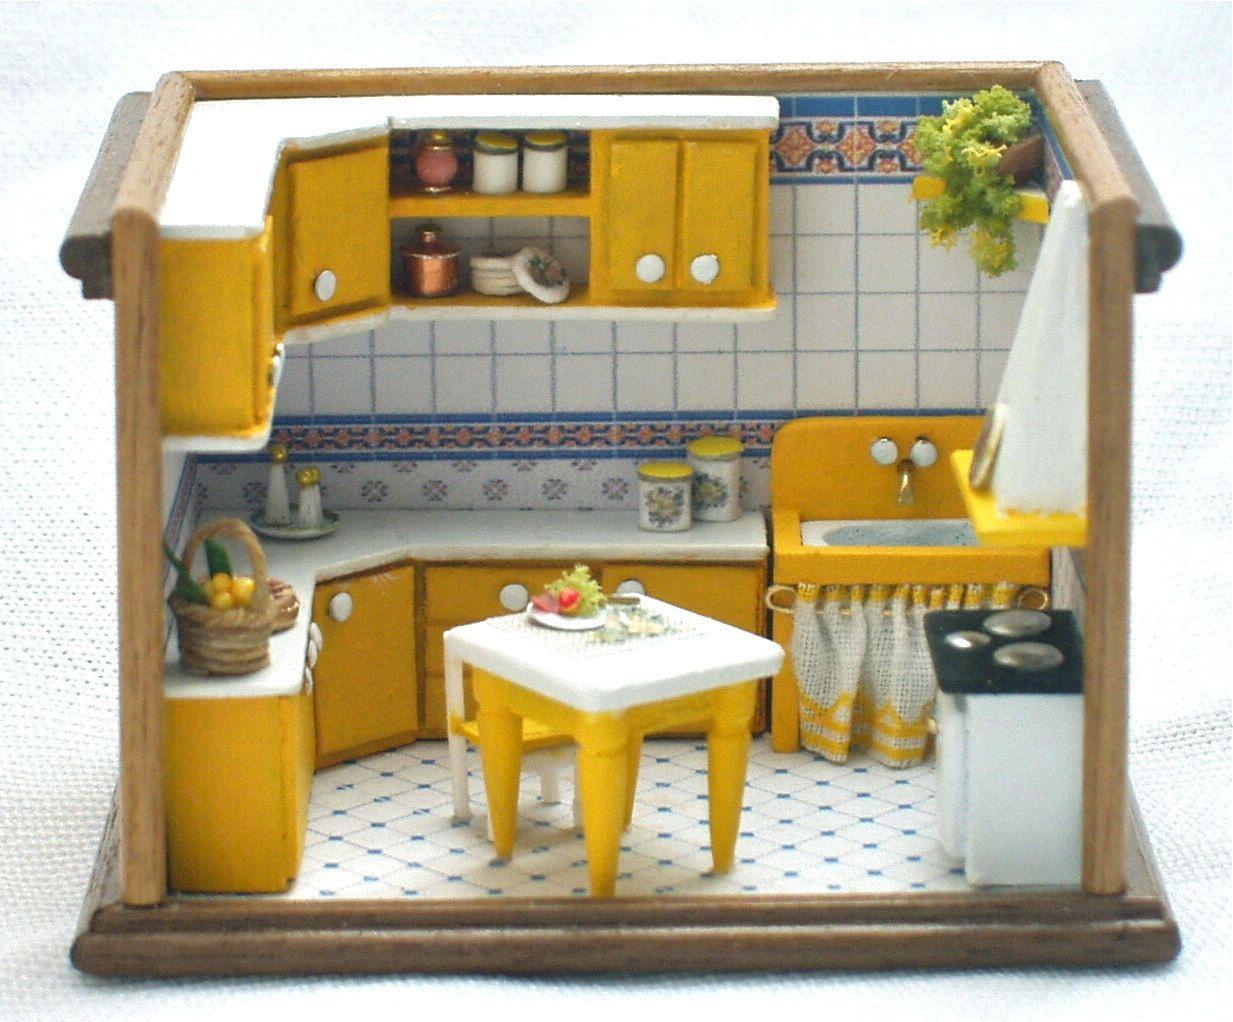 Cucina gialla roombox scale 1/144 fatto a by Francescavernuccio - kitchen miniature on Etsy